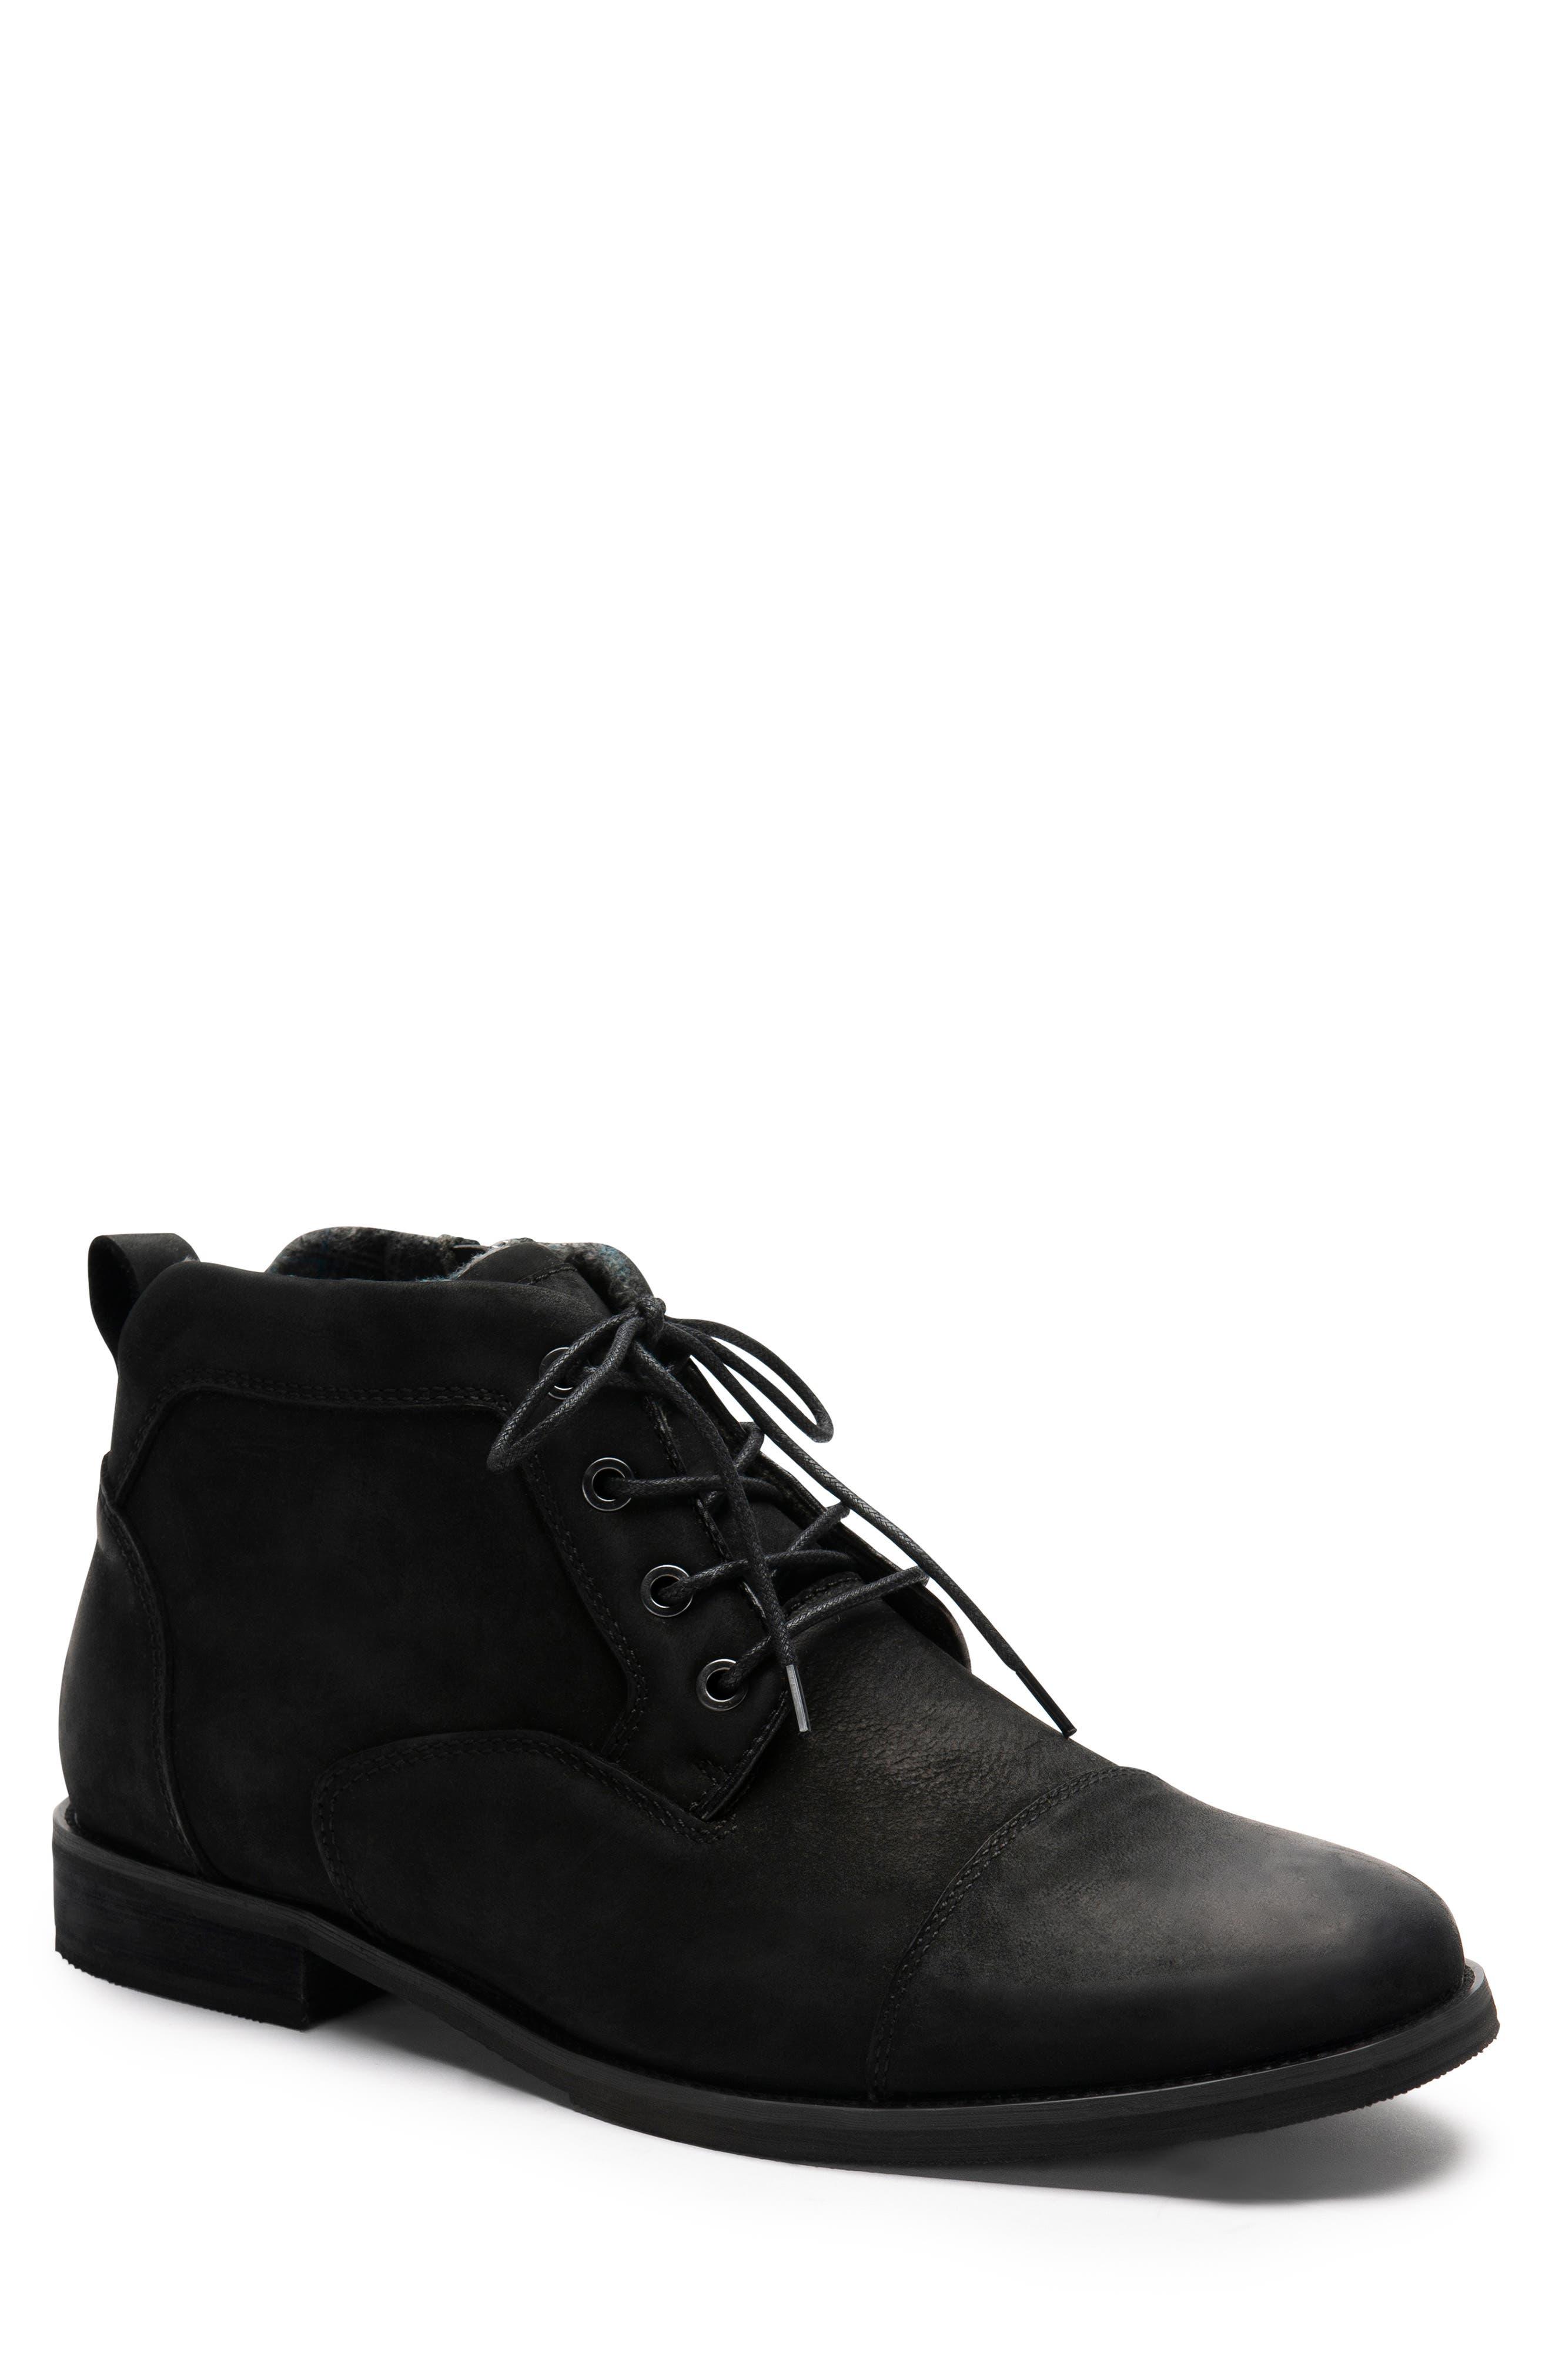 Blondo Bill Cap Toe Faux Fur Chukka Boot- Black